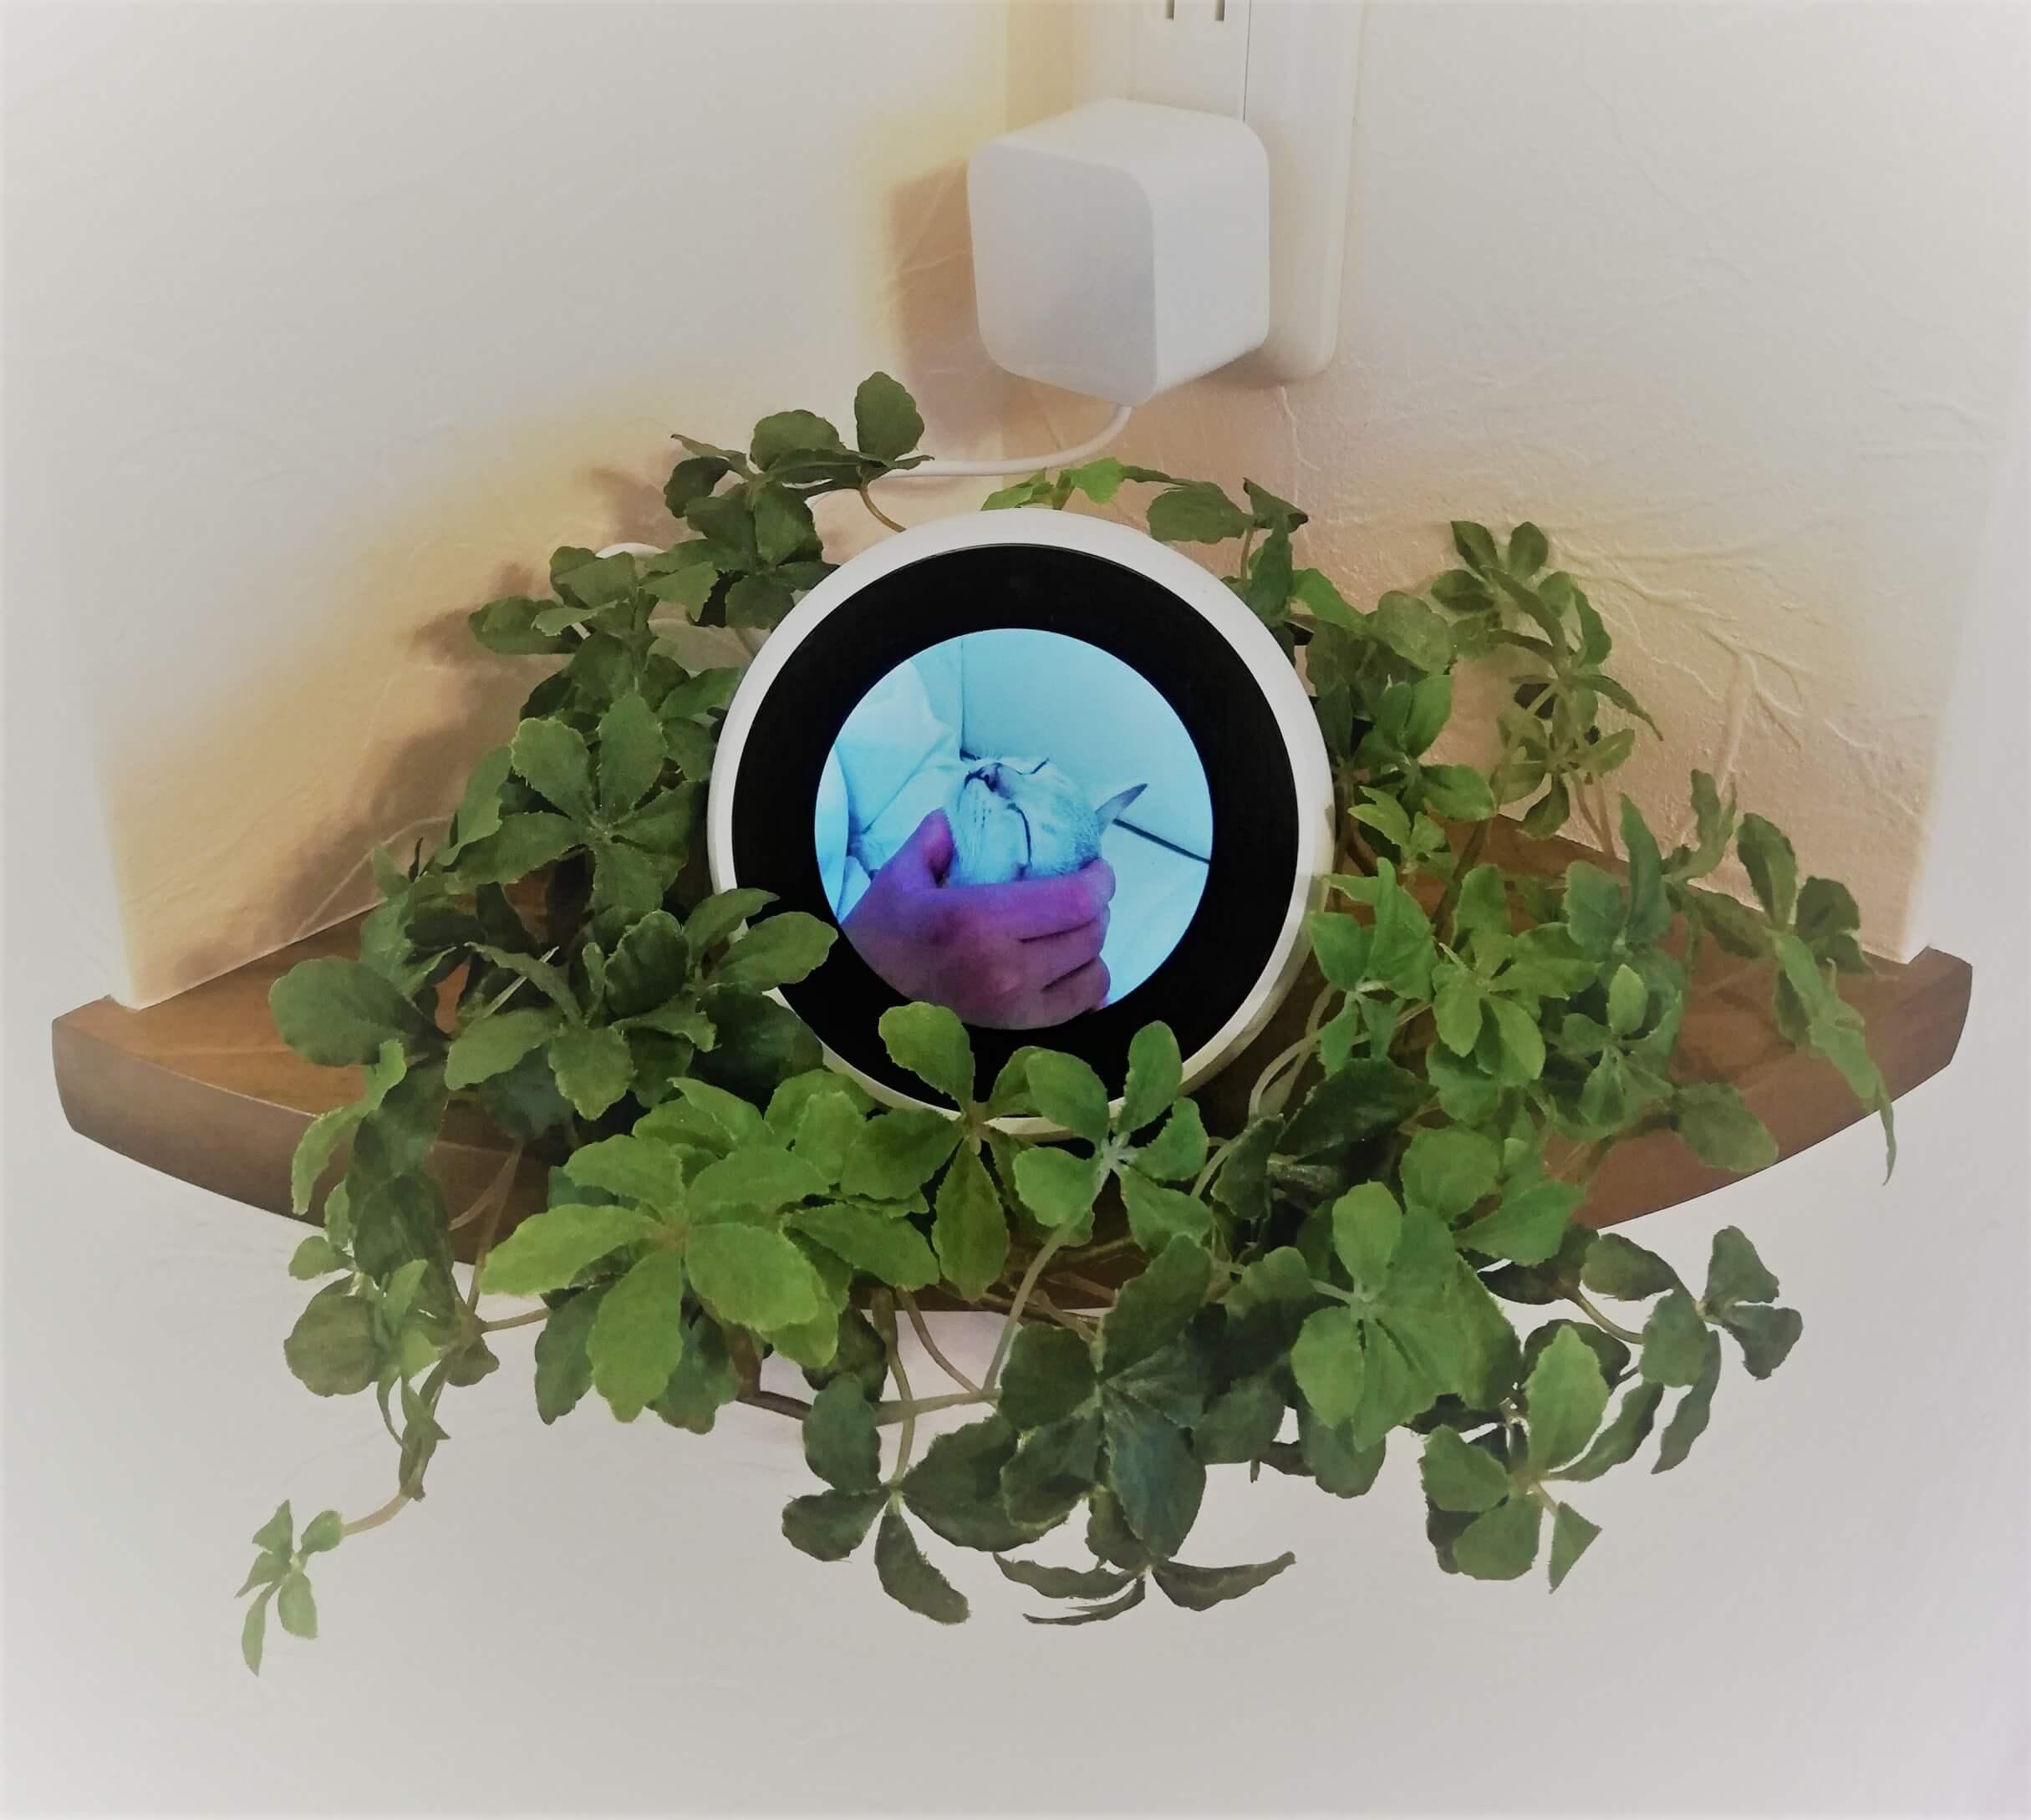 Amazon Echo Spot の画像